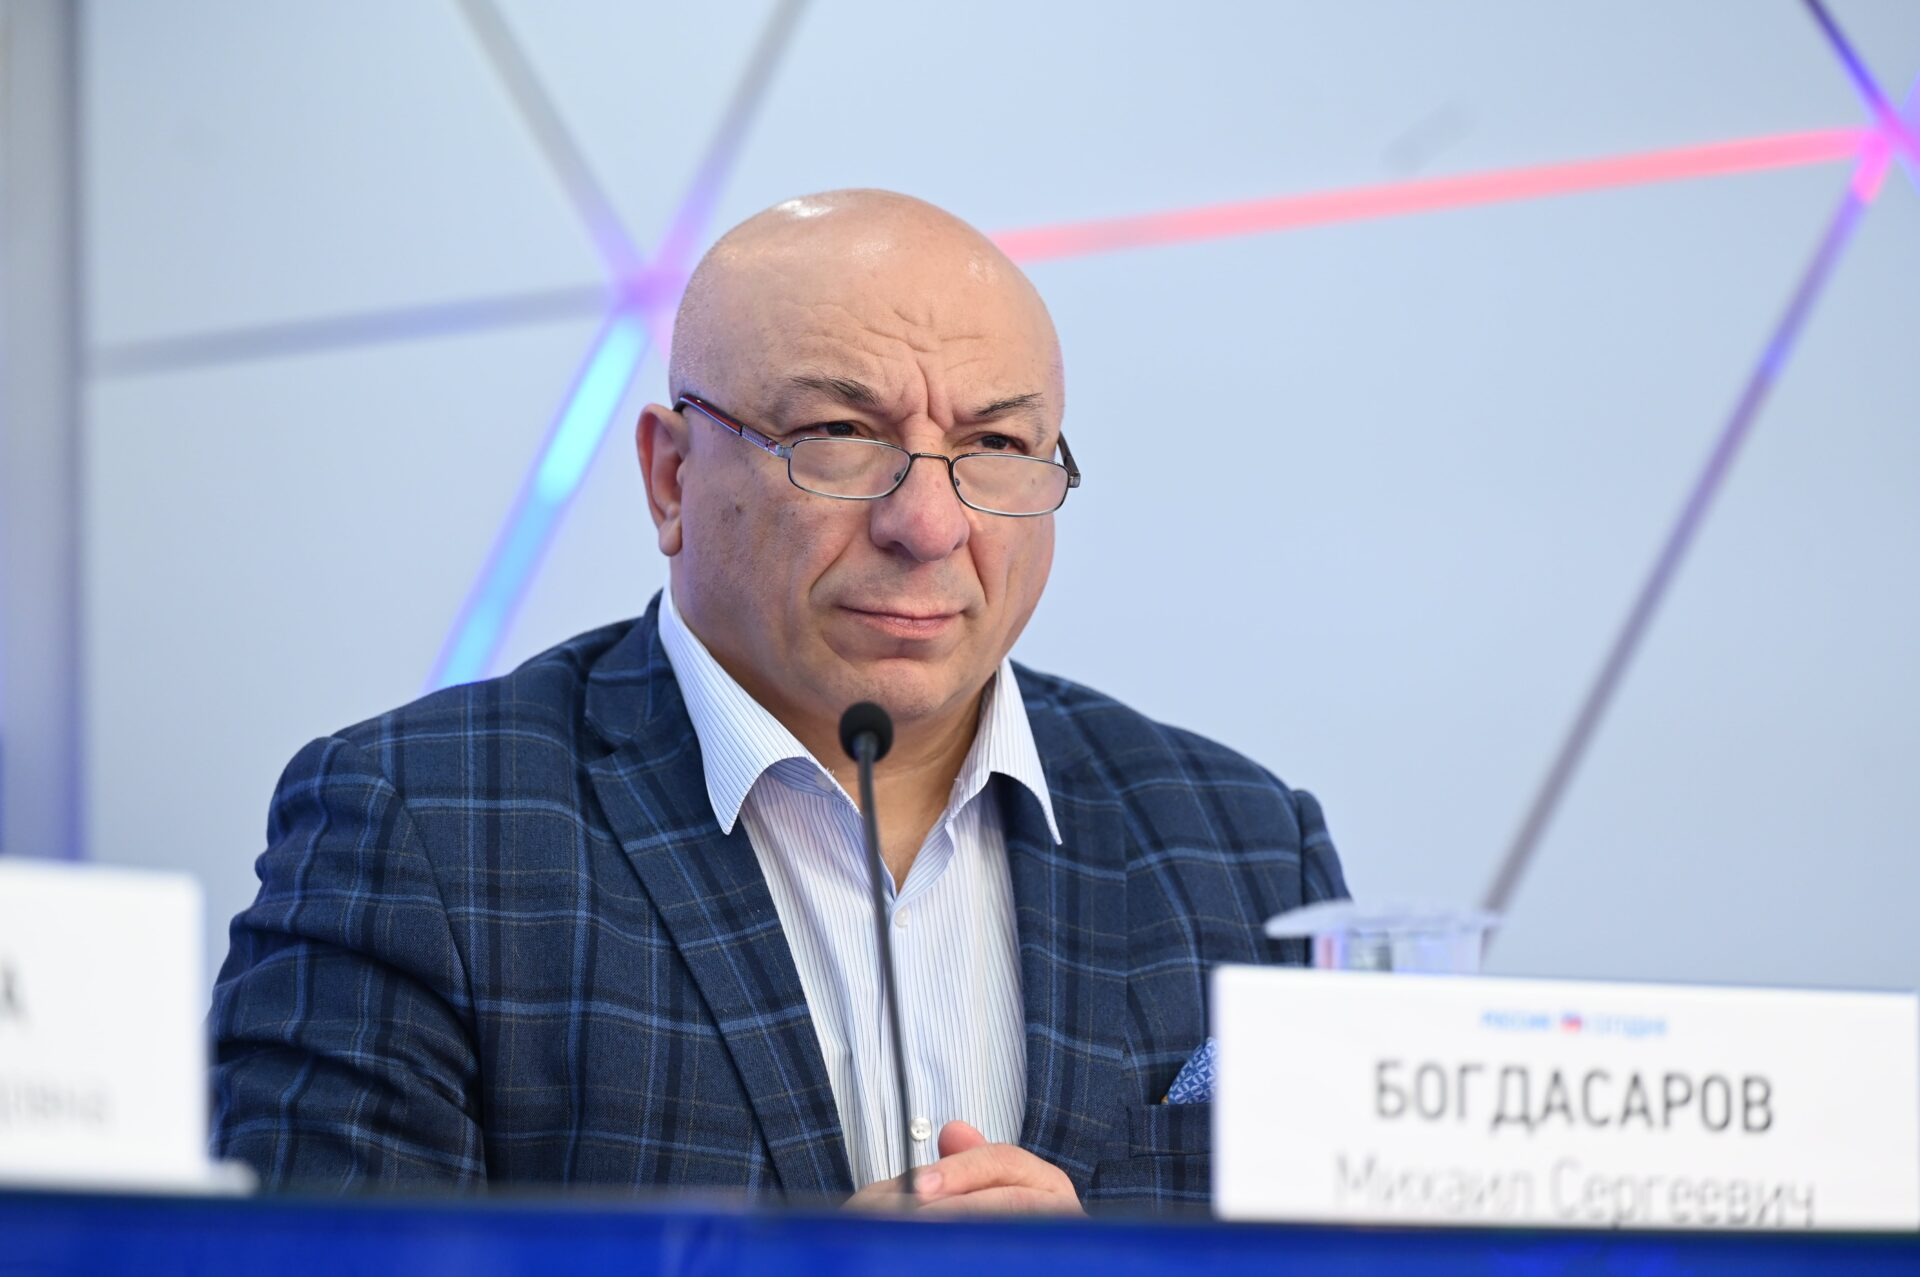 Обучение учителей личной эффективности: Михаил Богдасаров рассказал о направлении «Коммуникации и самопрезентация»